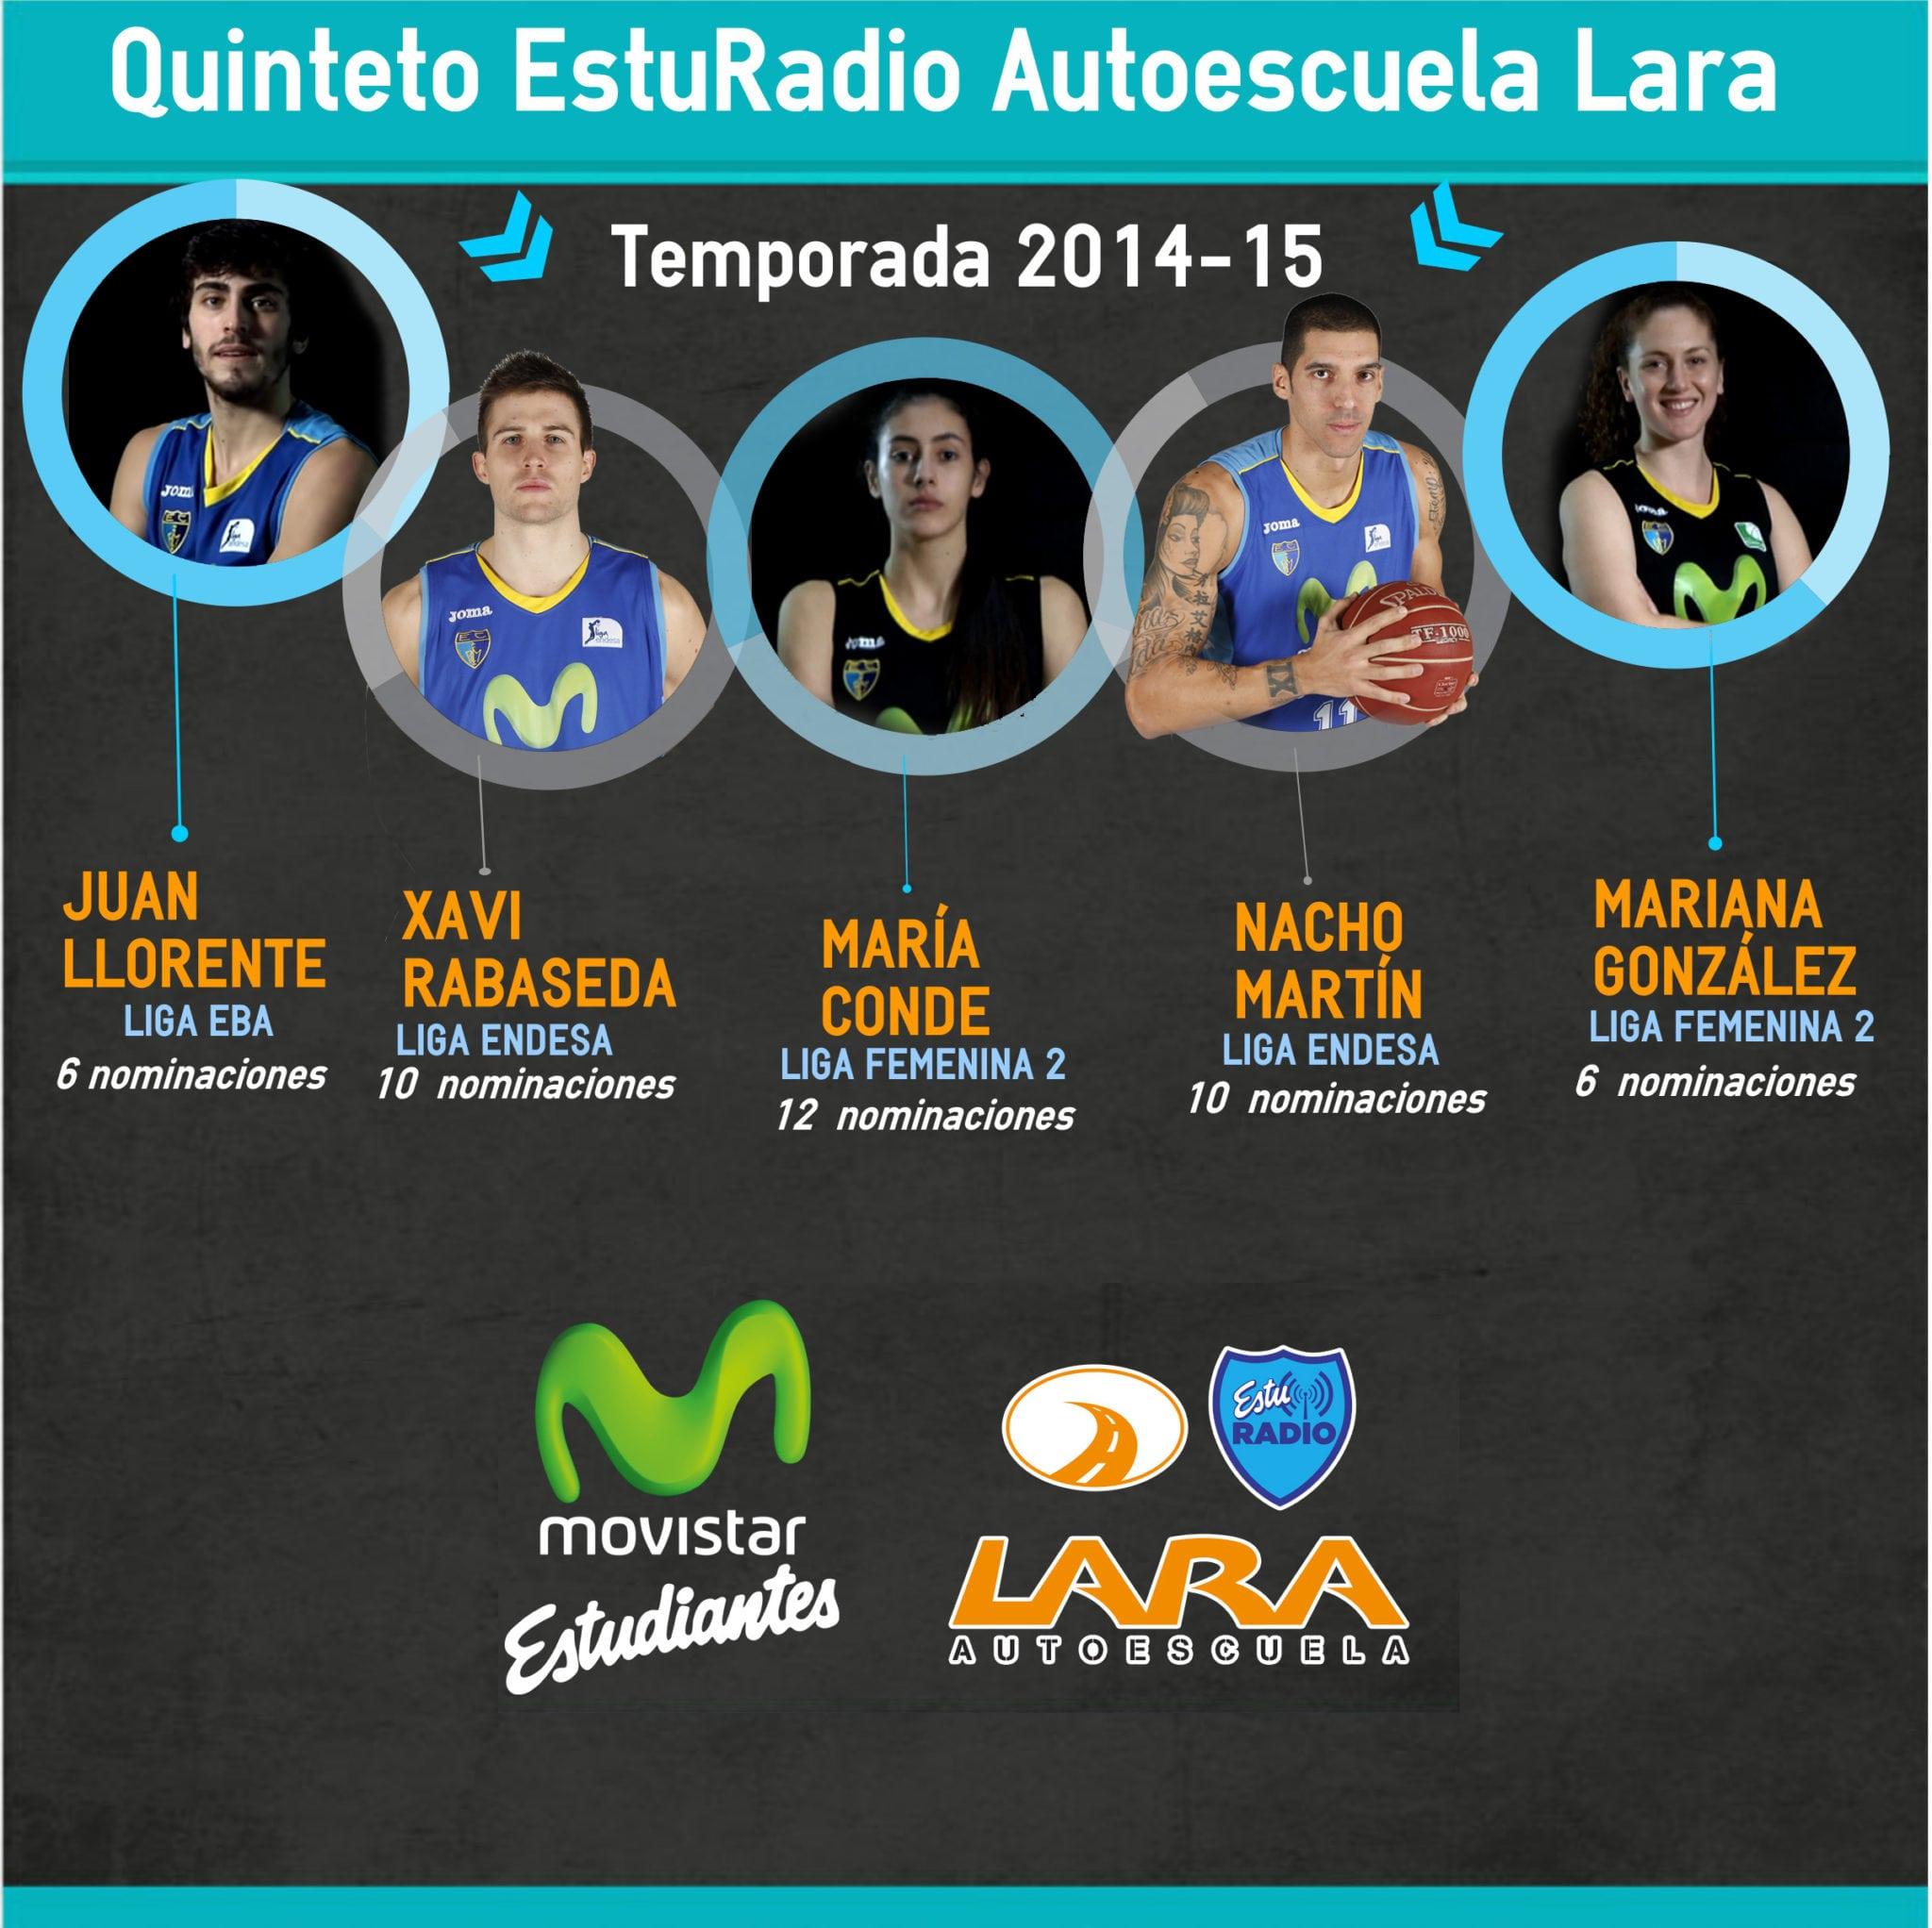 Mejor Quinteto EstuRadio Autoescuela Lara 2014-15:  Juan Llorente, Xavi Rabaseda, María Conde, Nacho Martín y Mariana González